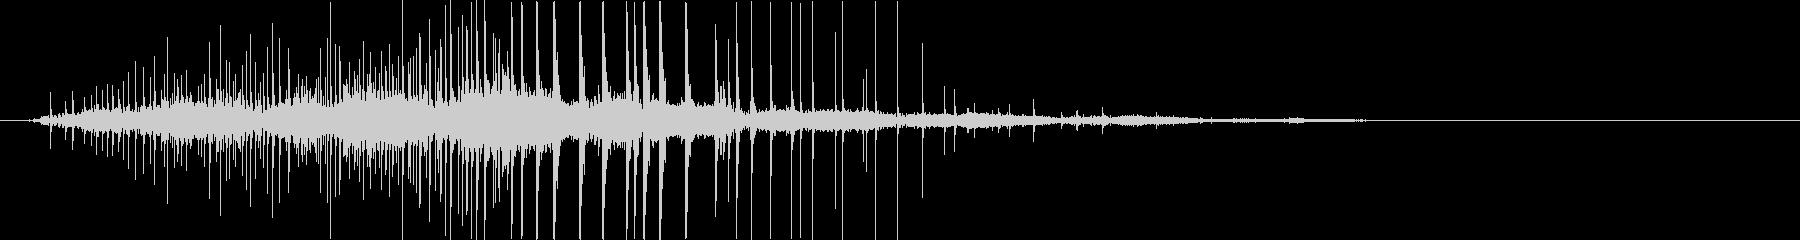 鋭い マーブルポットダーク10の未再生の波形